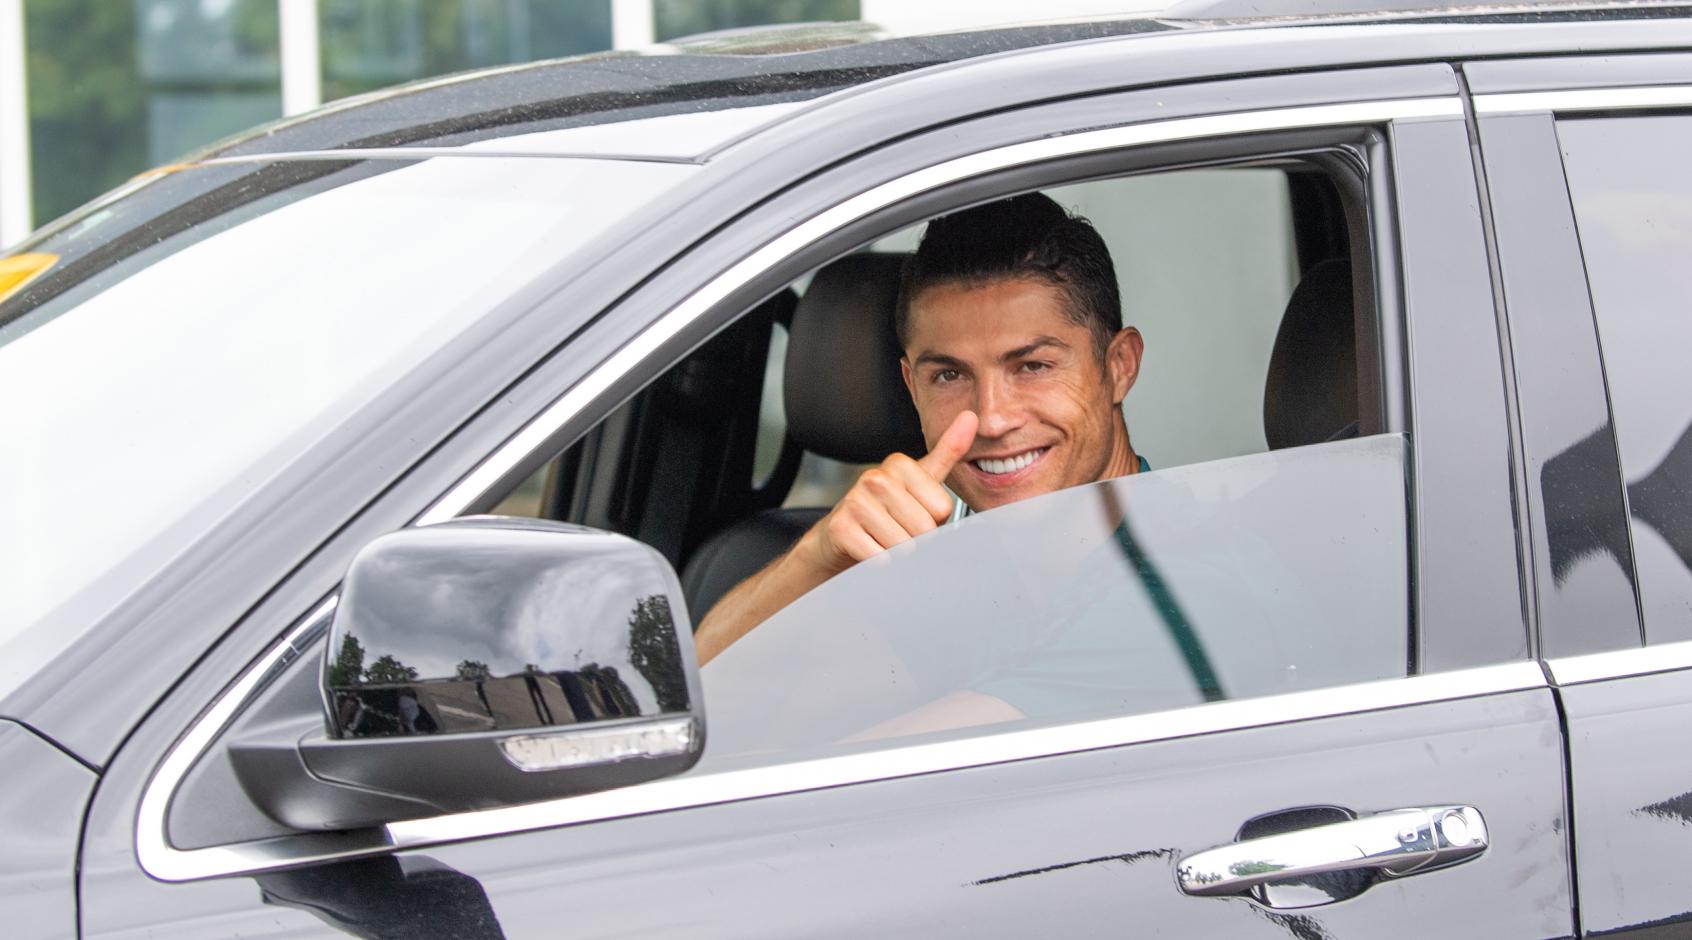 Криштиану Роналду может продолжить карьеру в ПСЖ - идут переговоры